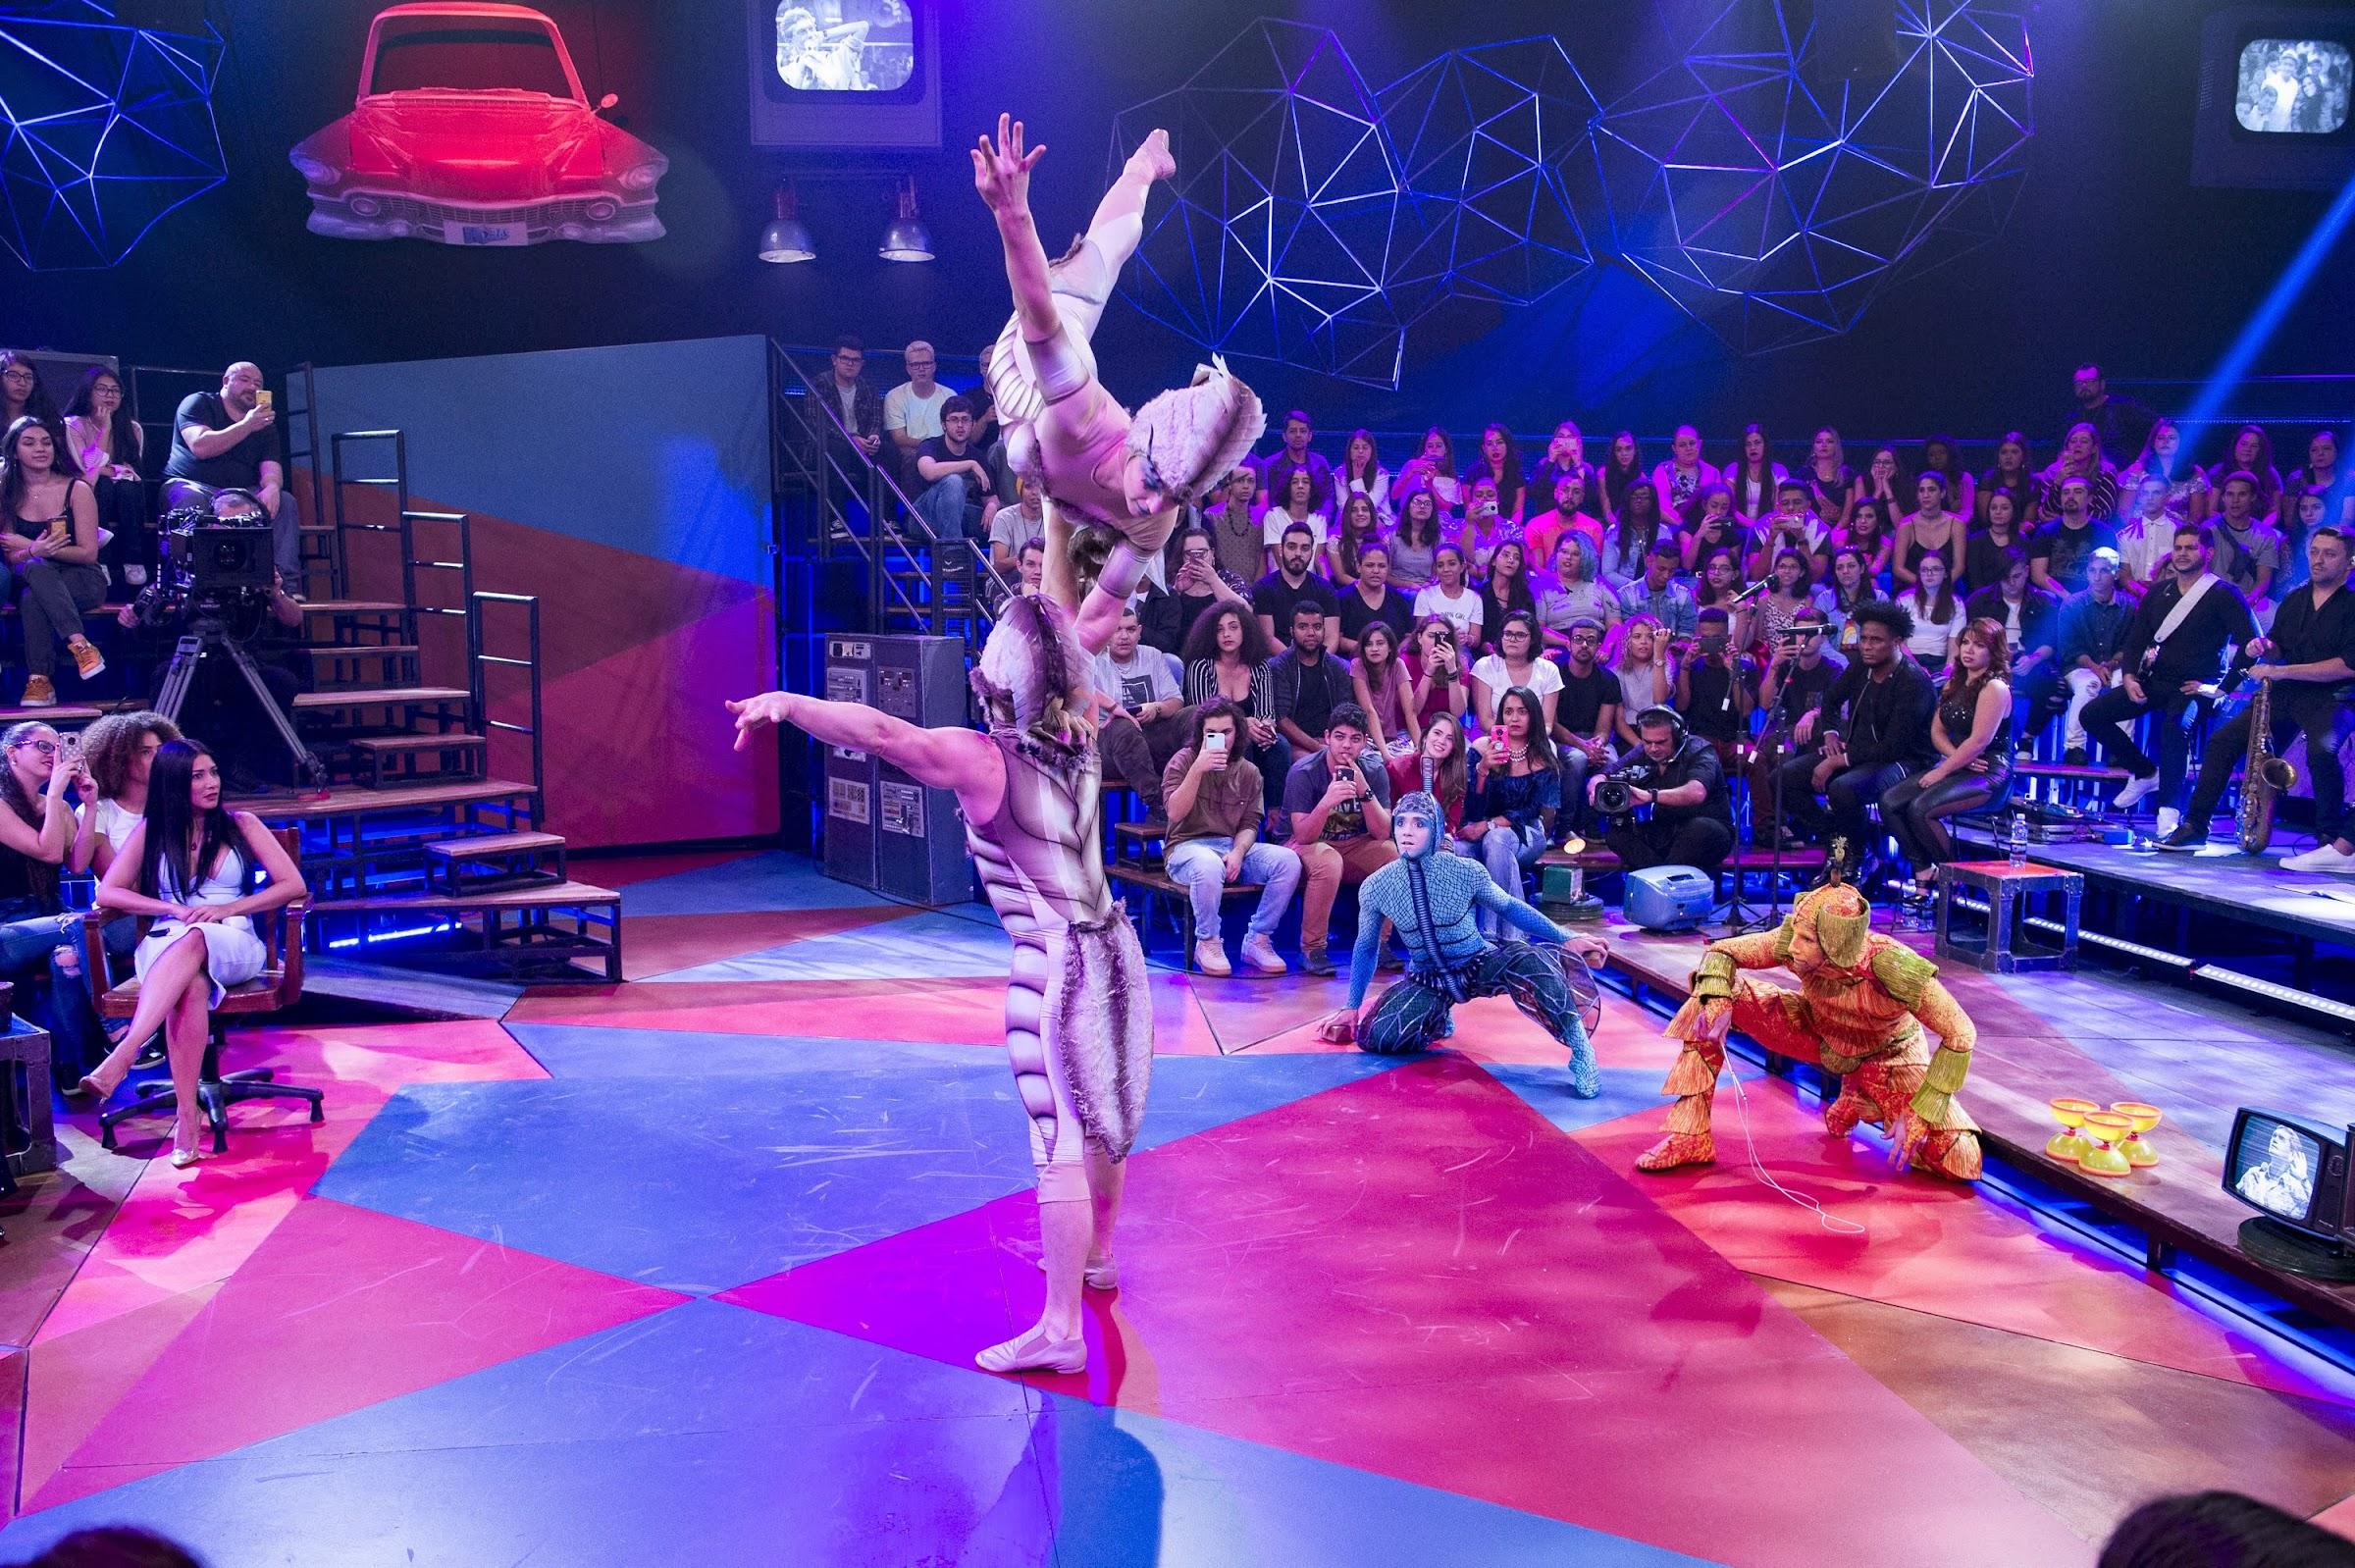 Cirque du Soleil apresenta o espetáculo Ovo